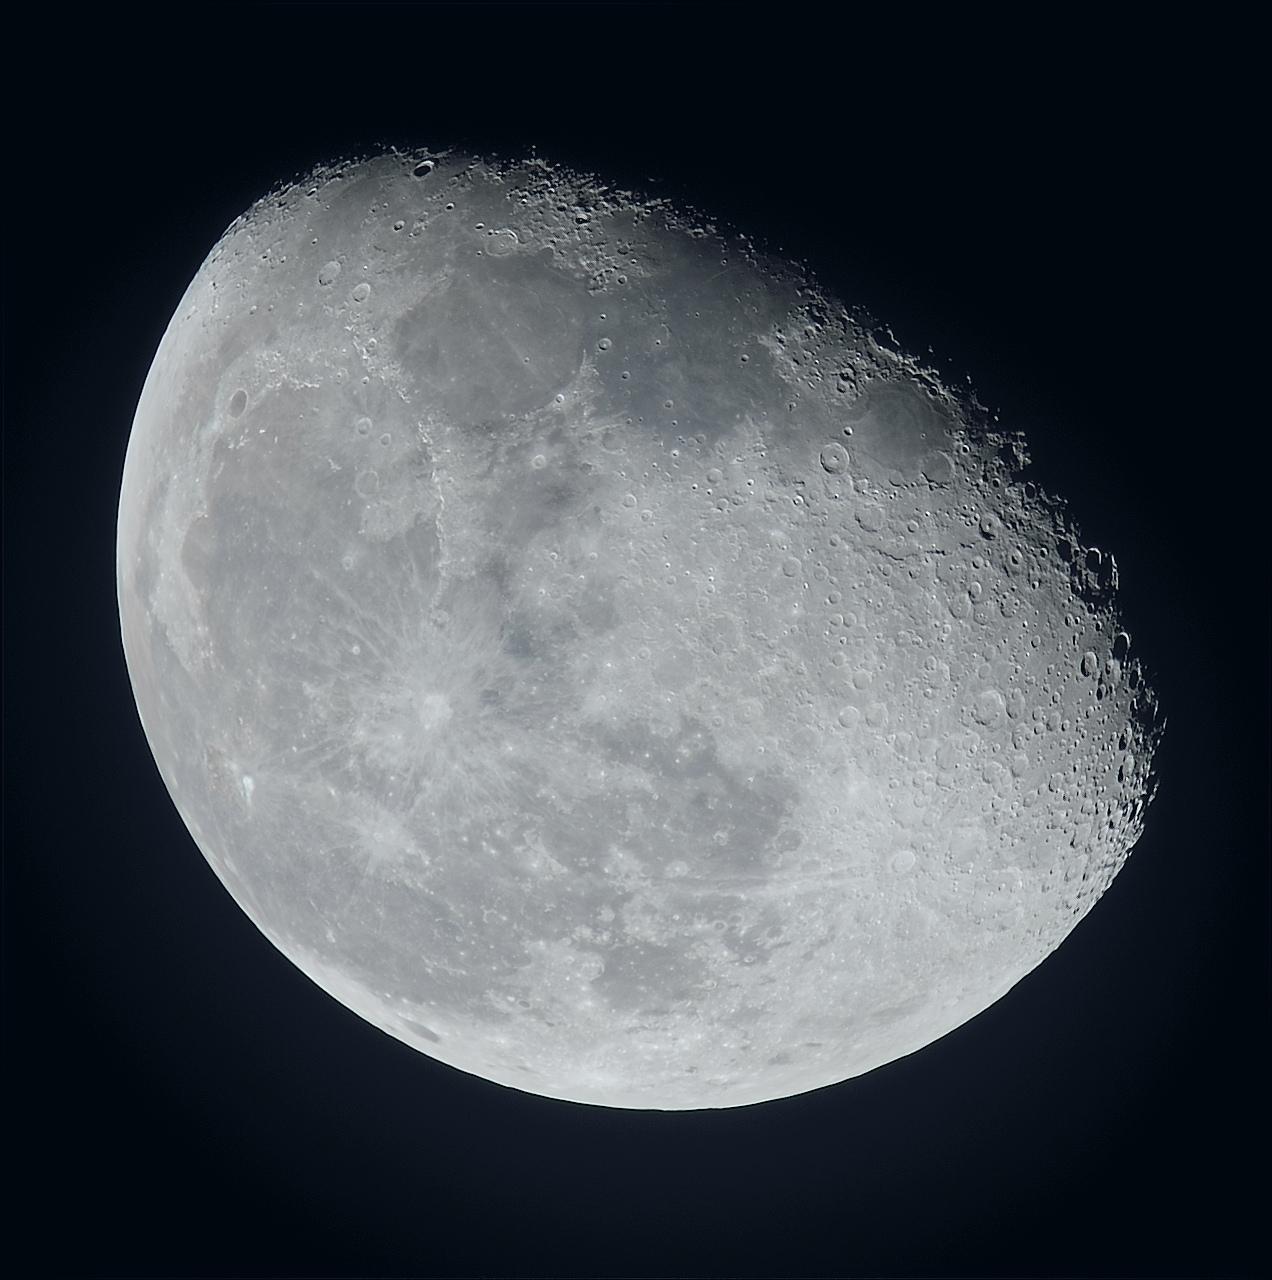 La lune du 6 Janvier au zoom Sigma 120-300 et Nikon D810, à 600 mm de focale